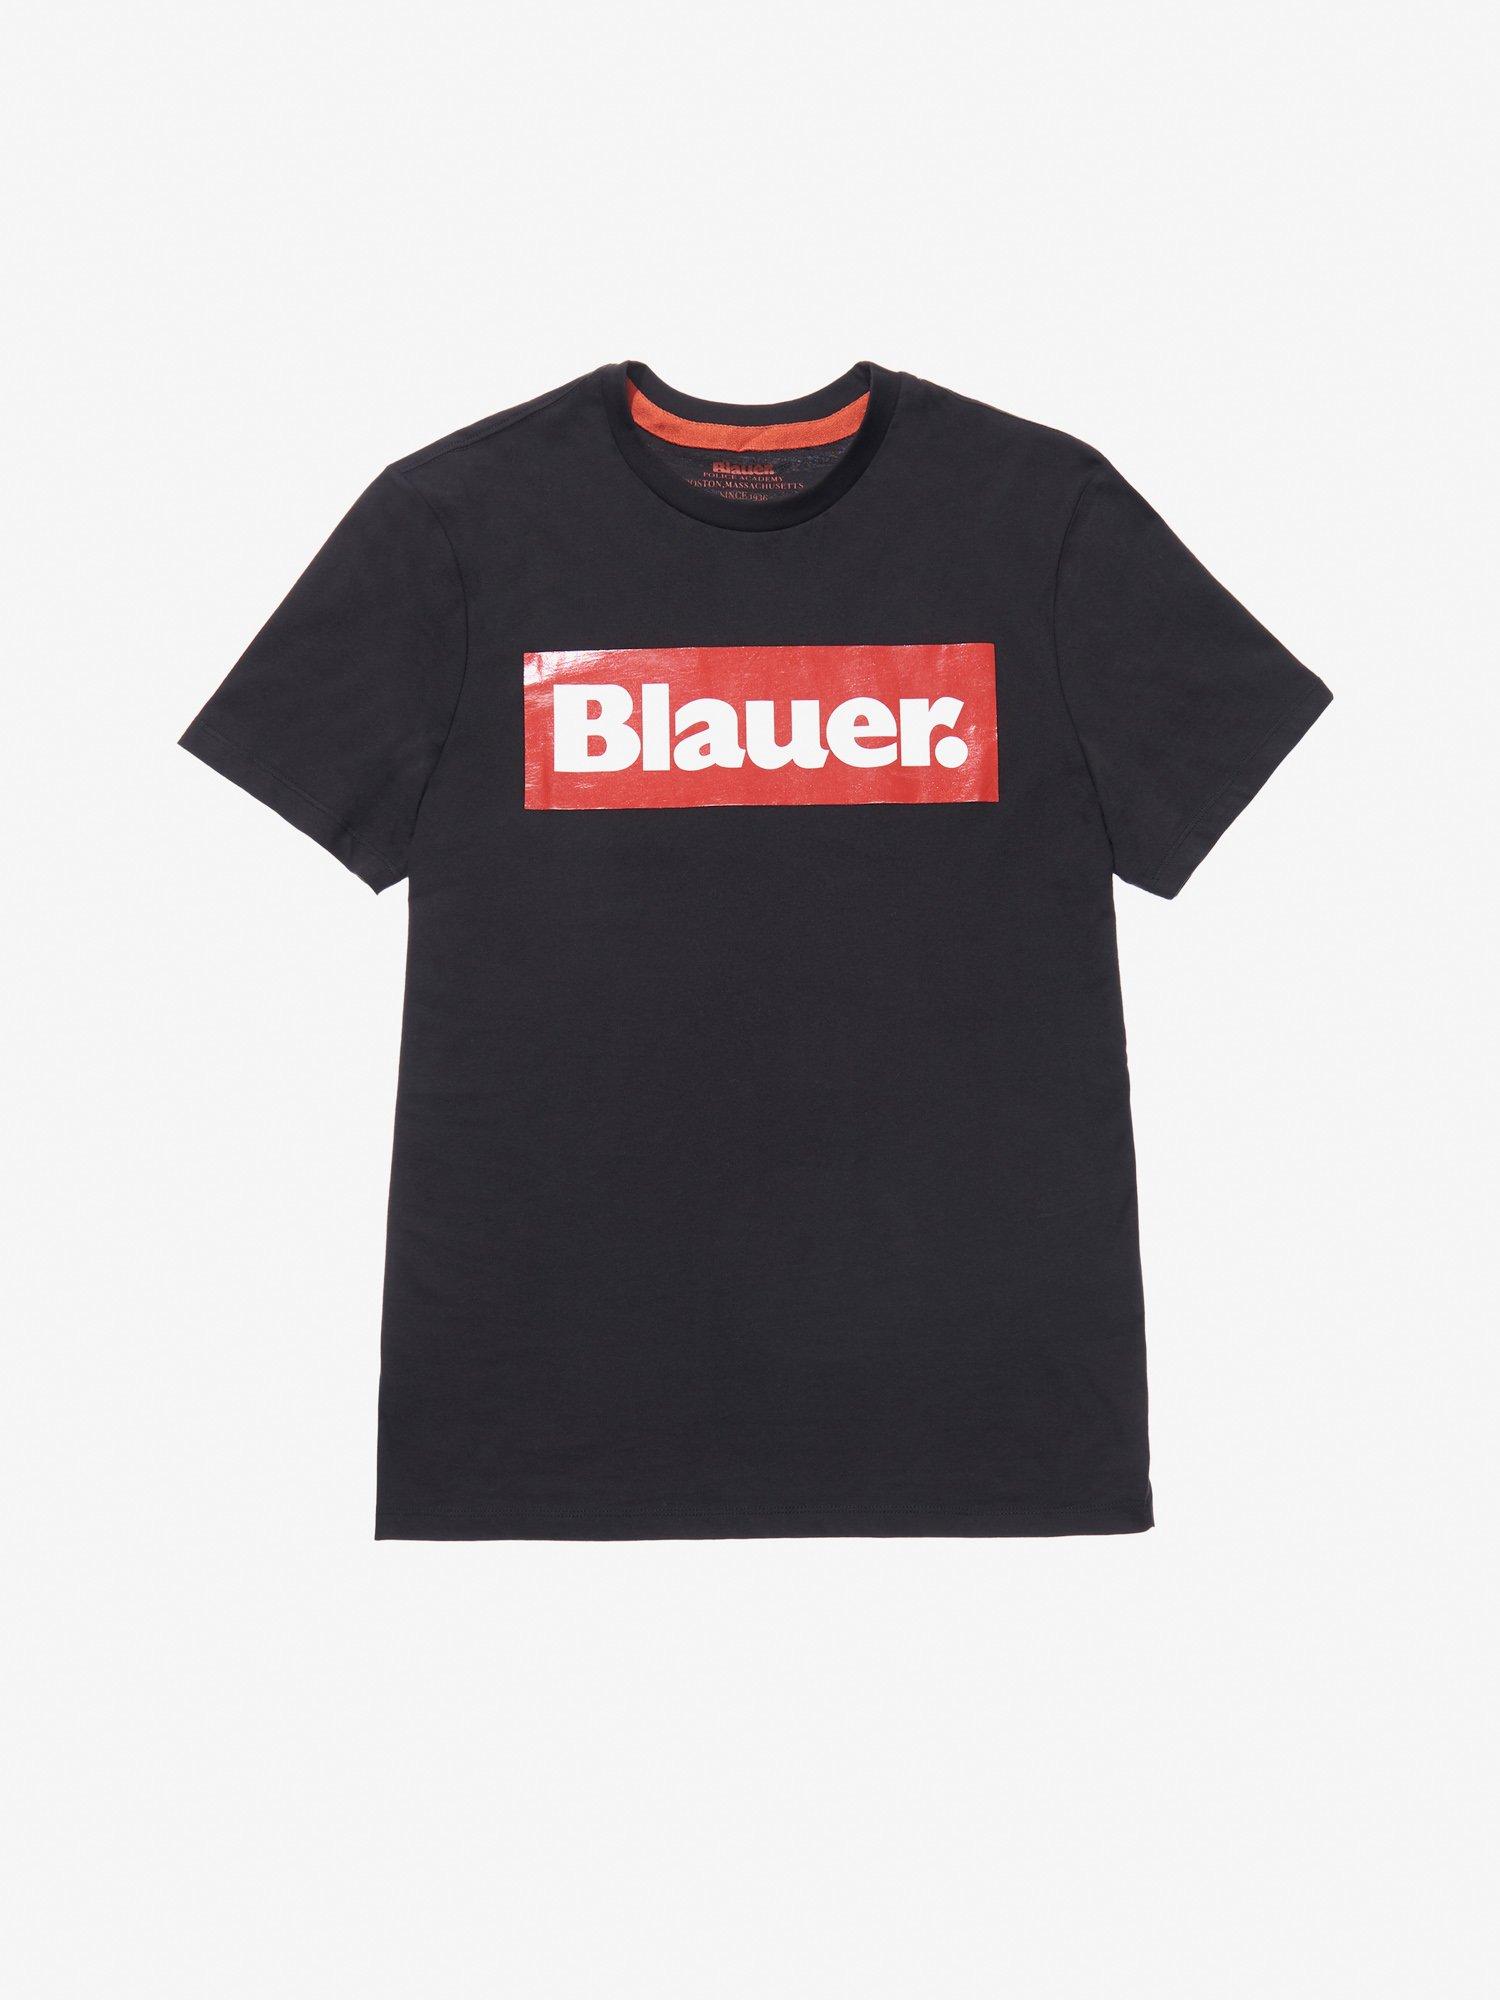 BLAUER RECTANGULAR PRINT T-SHIRT - Blauer